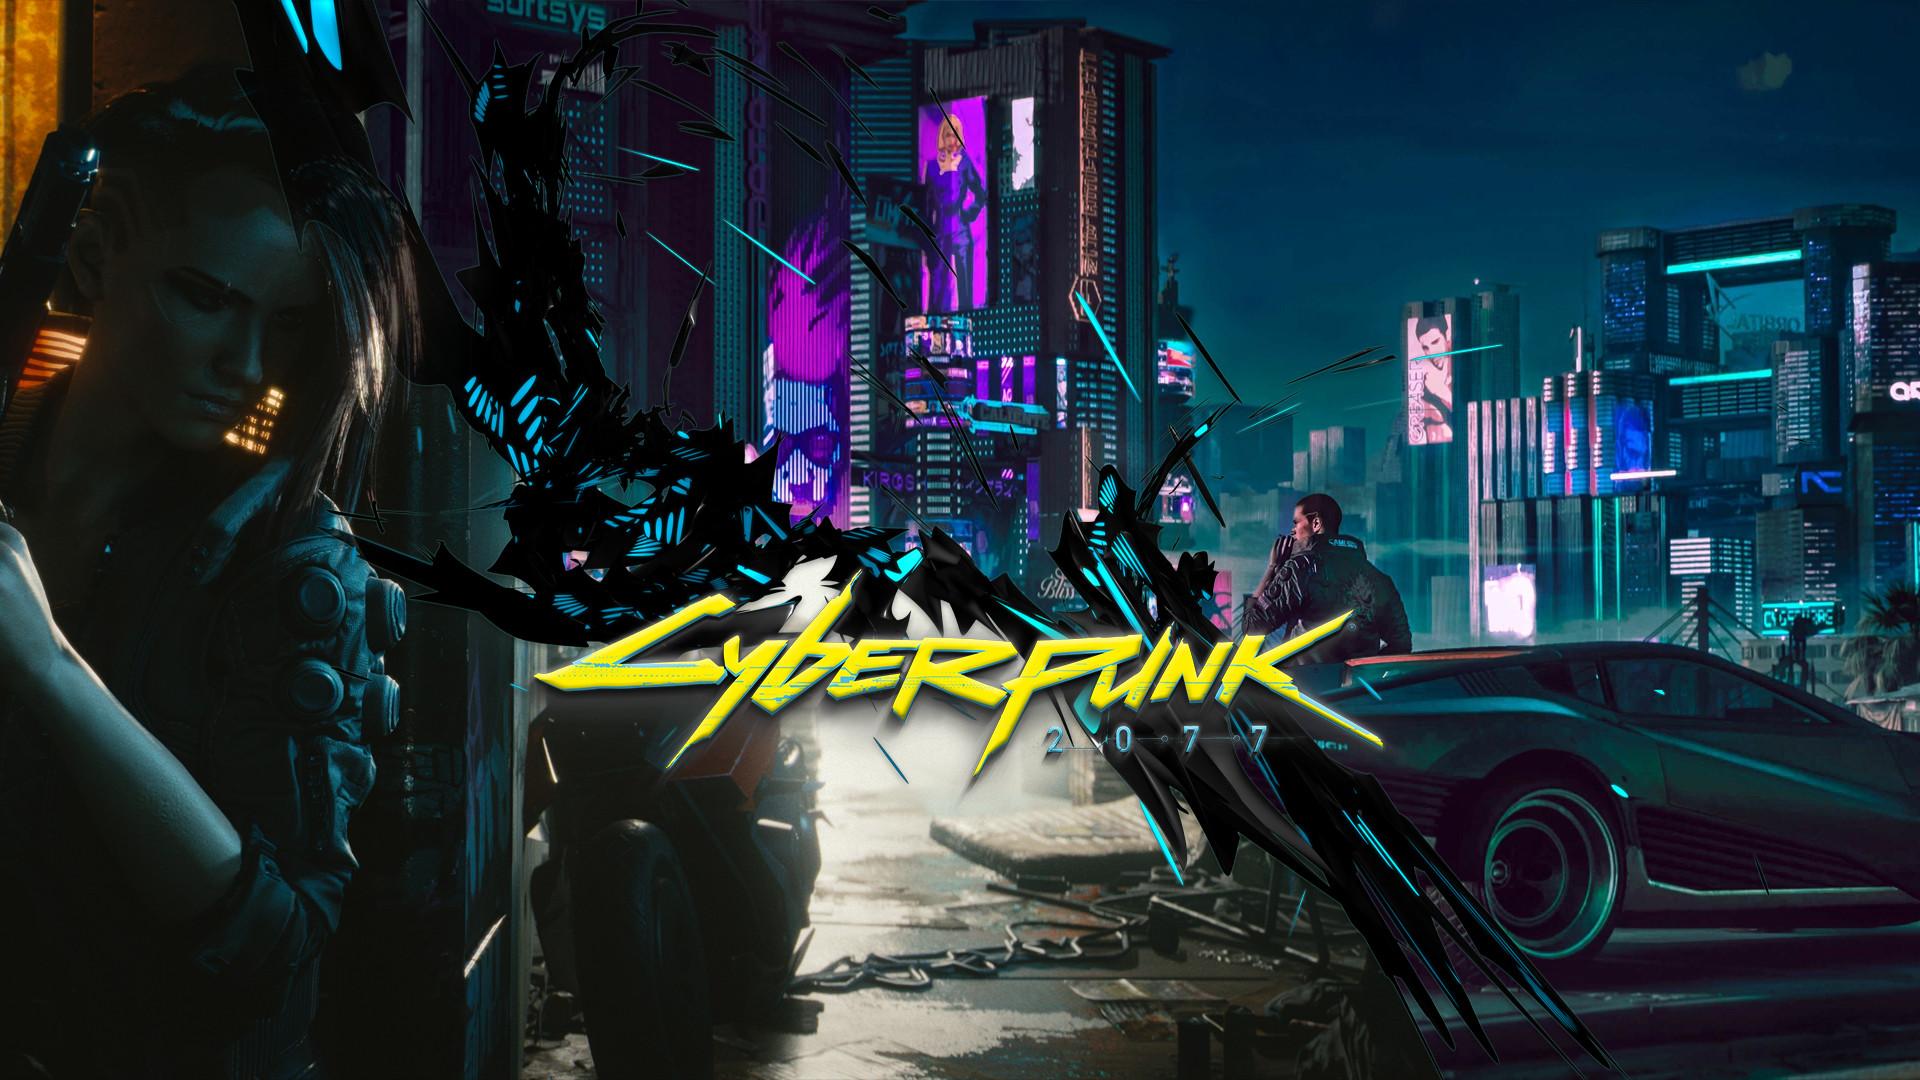 cyberpunk 2077 wallpaper 68934